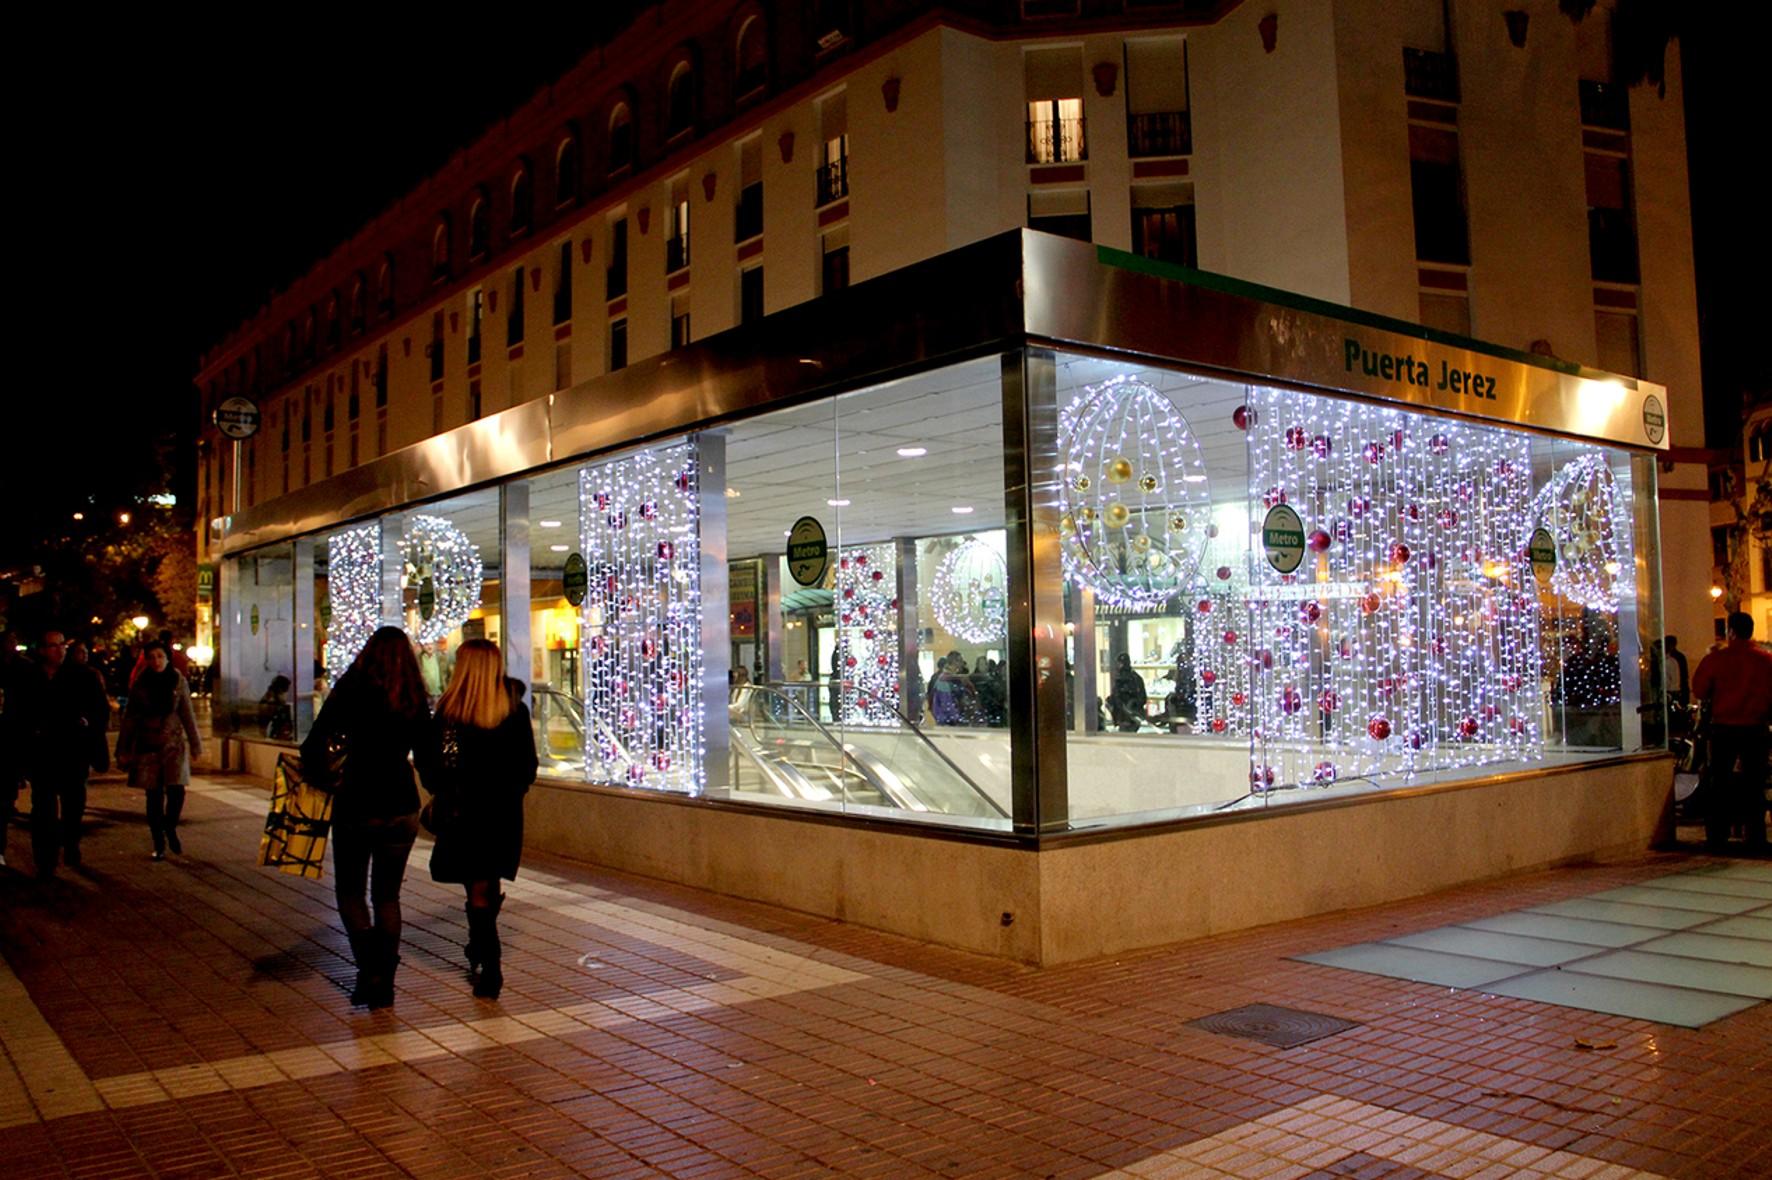 La estación con más viajeros en Nochevieja ha sido la de Puerta Jerez.